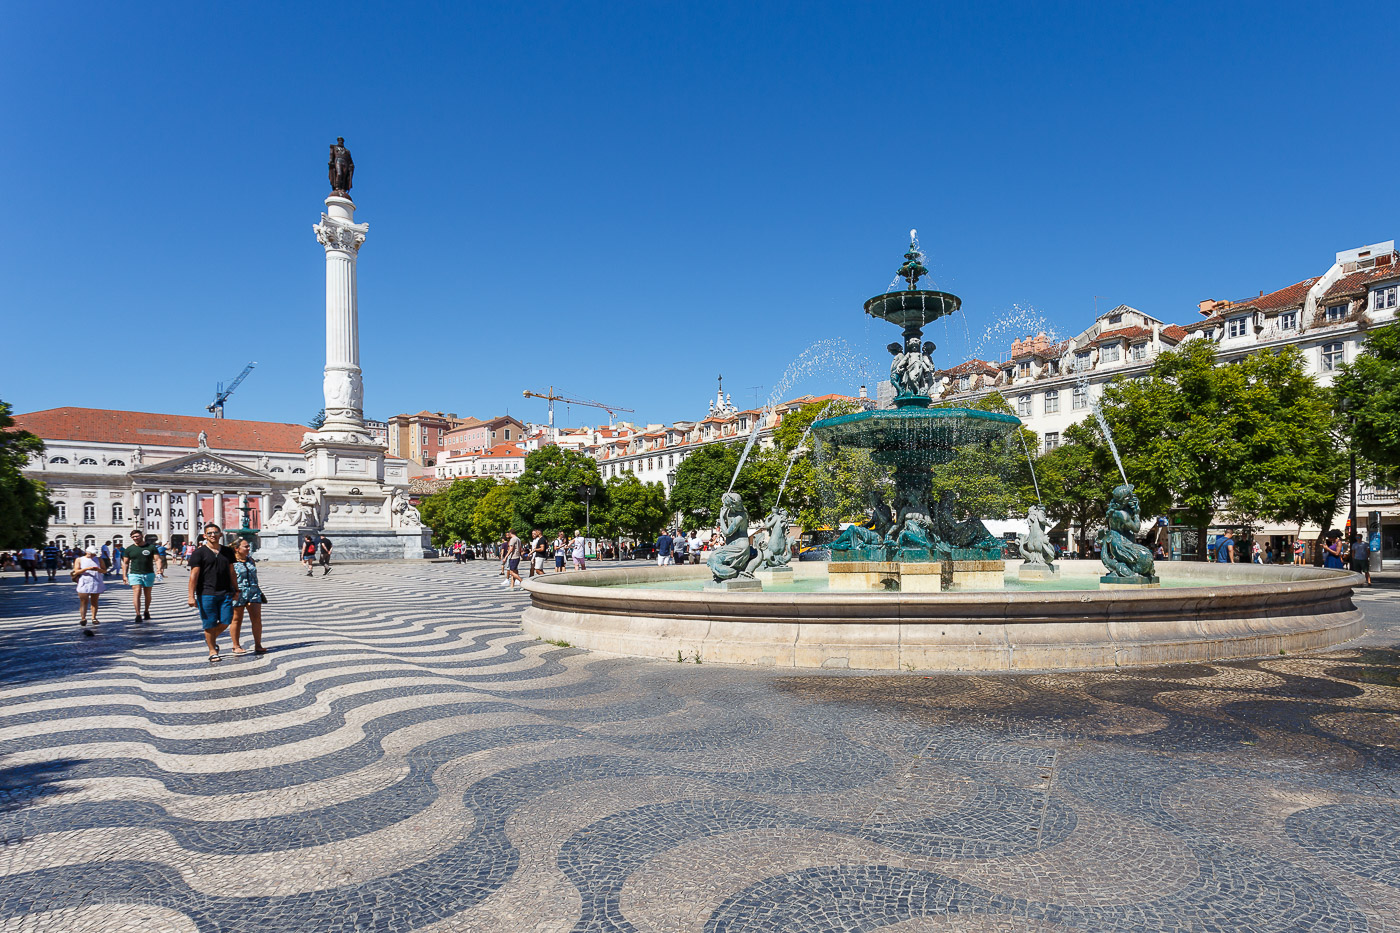 Фото №19. Площадь Дом Педру IV (Praça de D.Pedro IV) в Лиссабоне. Отзыв о самостоятельной поездке в Португалию. 1/320, 0, 9, 100, 17.